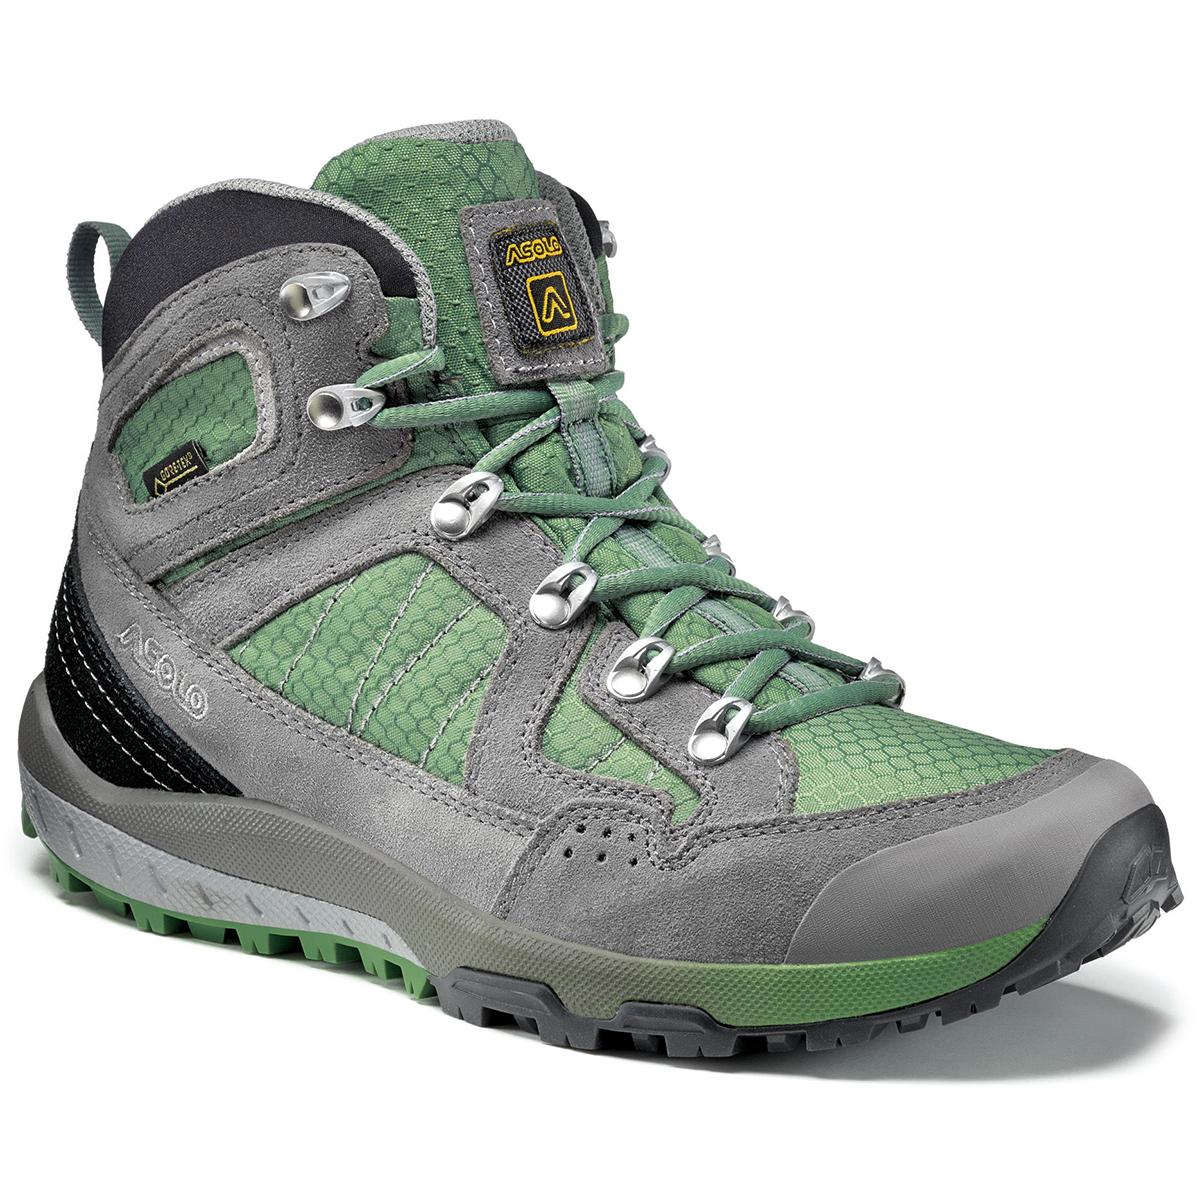 Asolo Women's Landscape Gv Waterproof Mid Hiking Boots - Green, 10